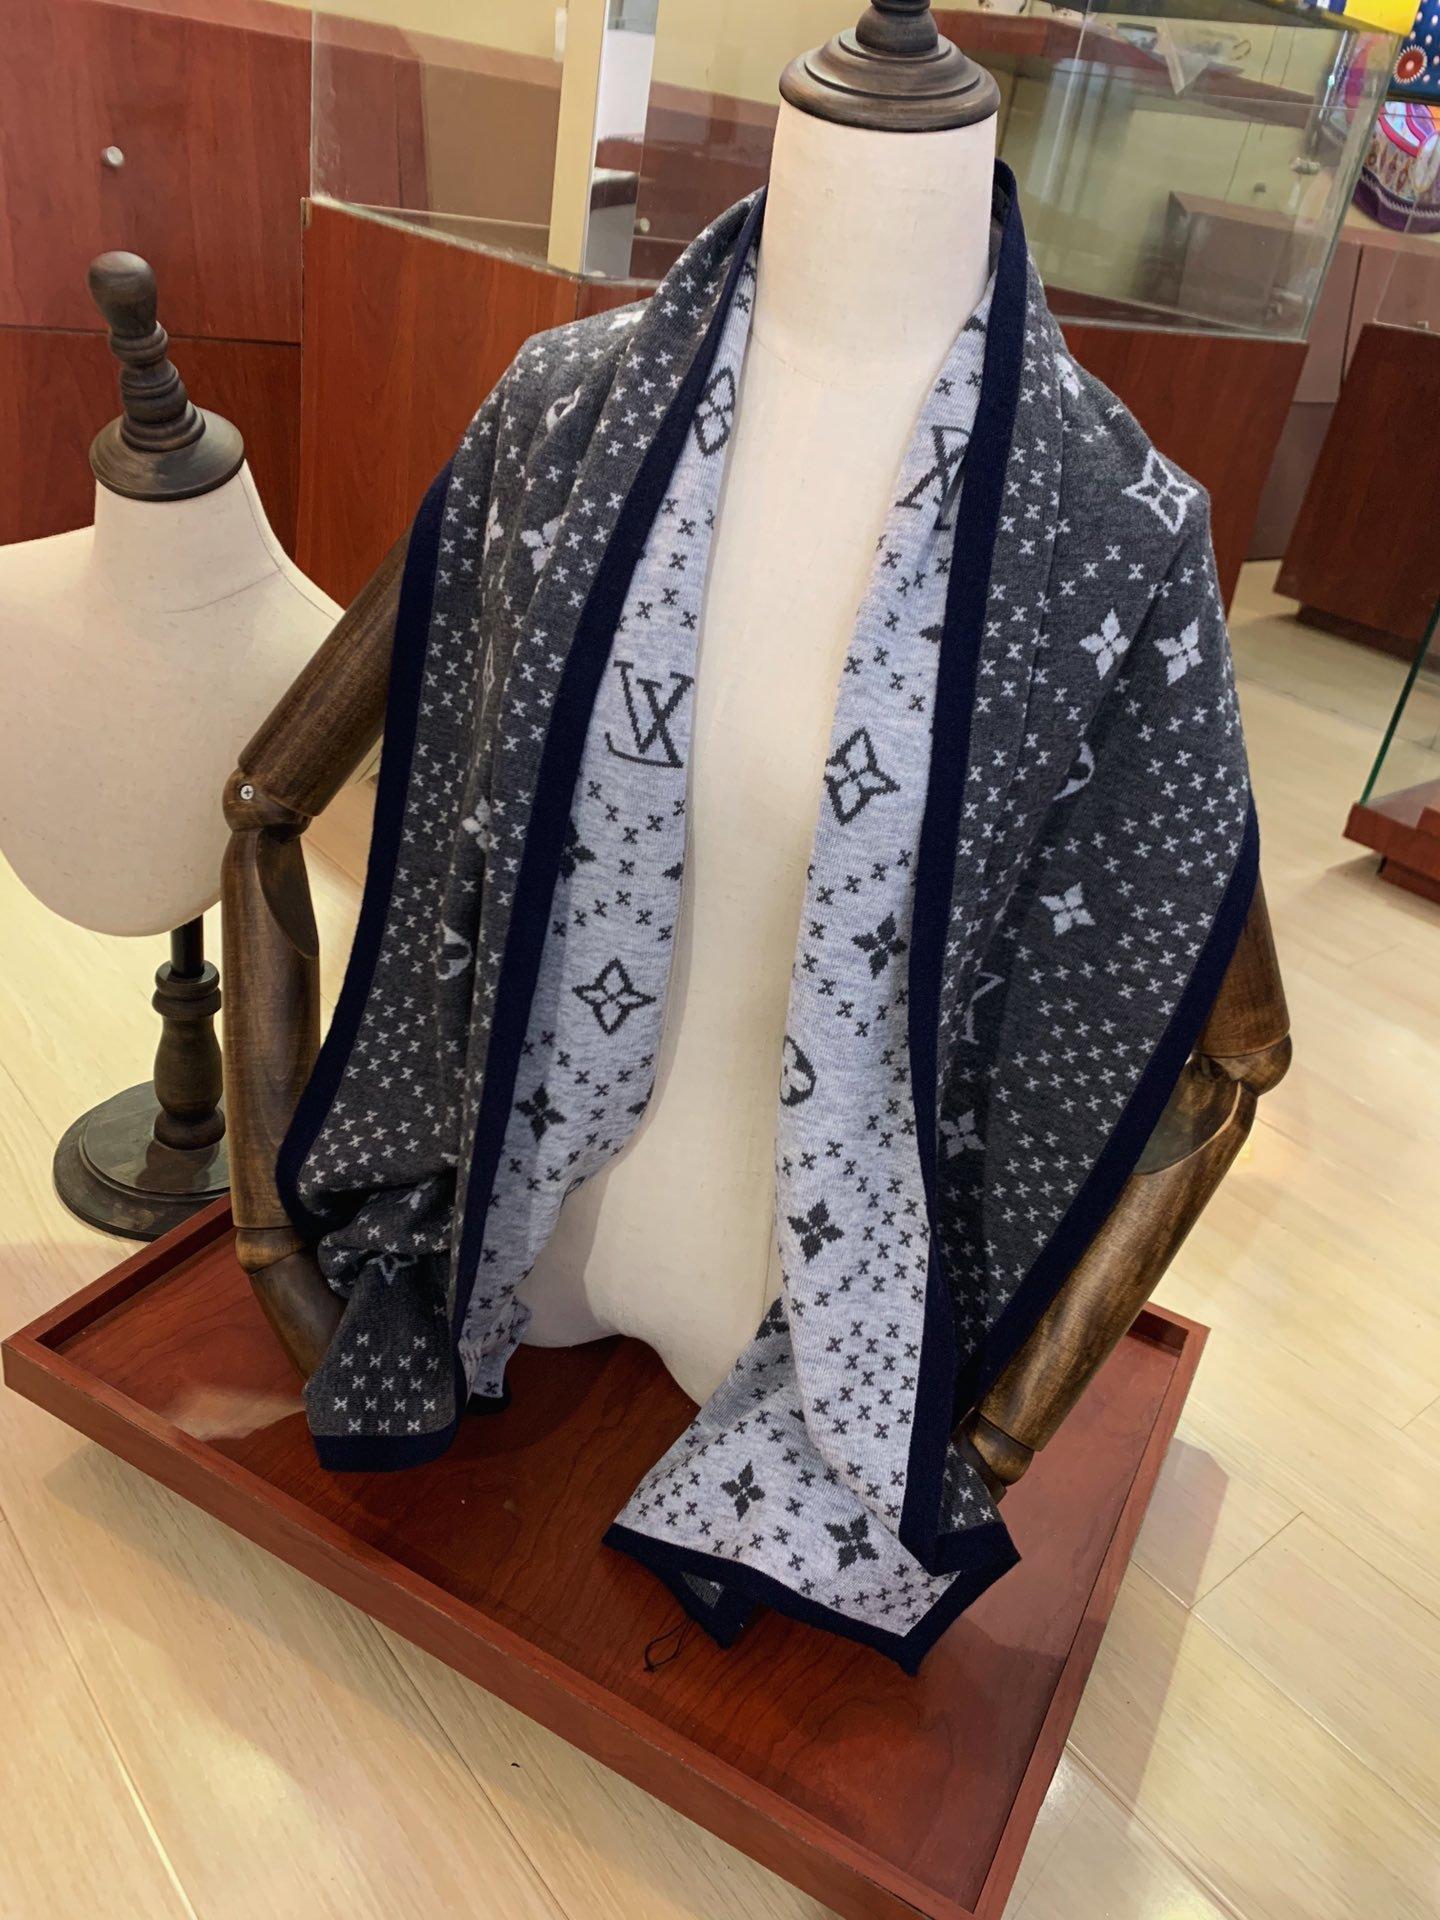 последняя мода осень зима шелк шерстяной шарф платок письмо классический дизайнер случайный удобный платок может быть wholesale22